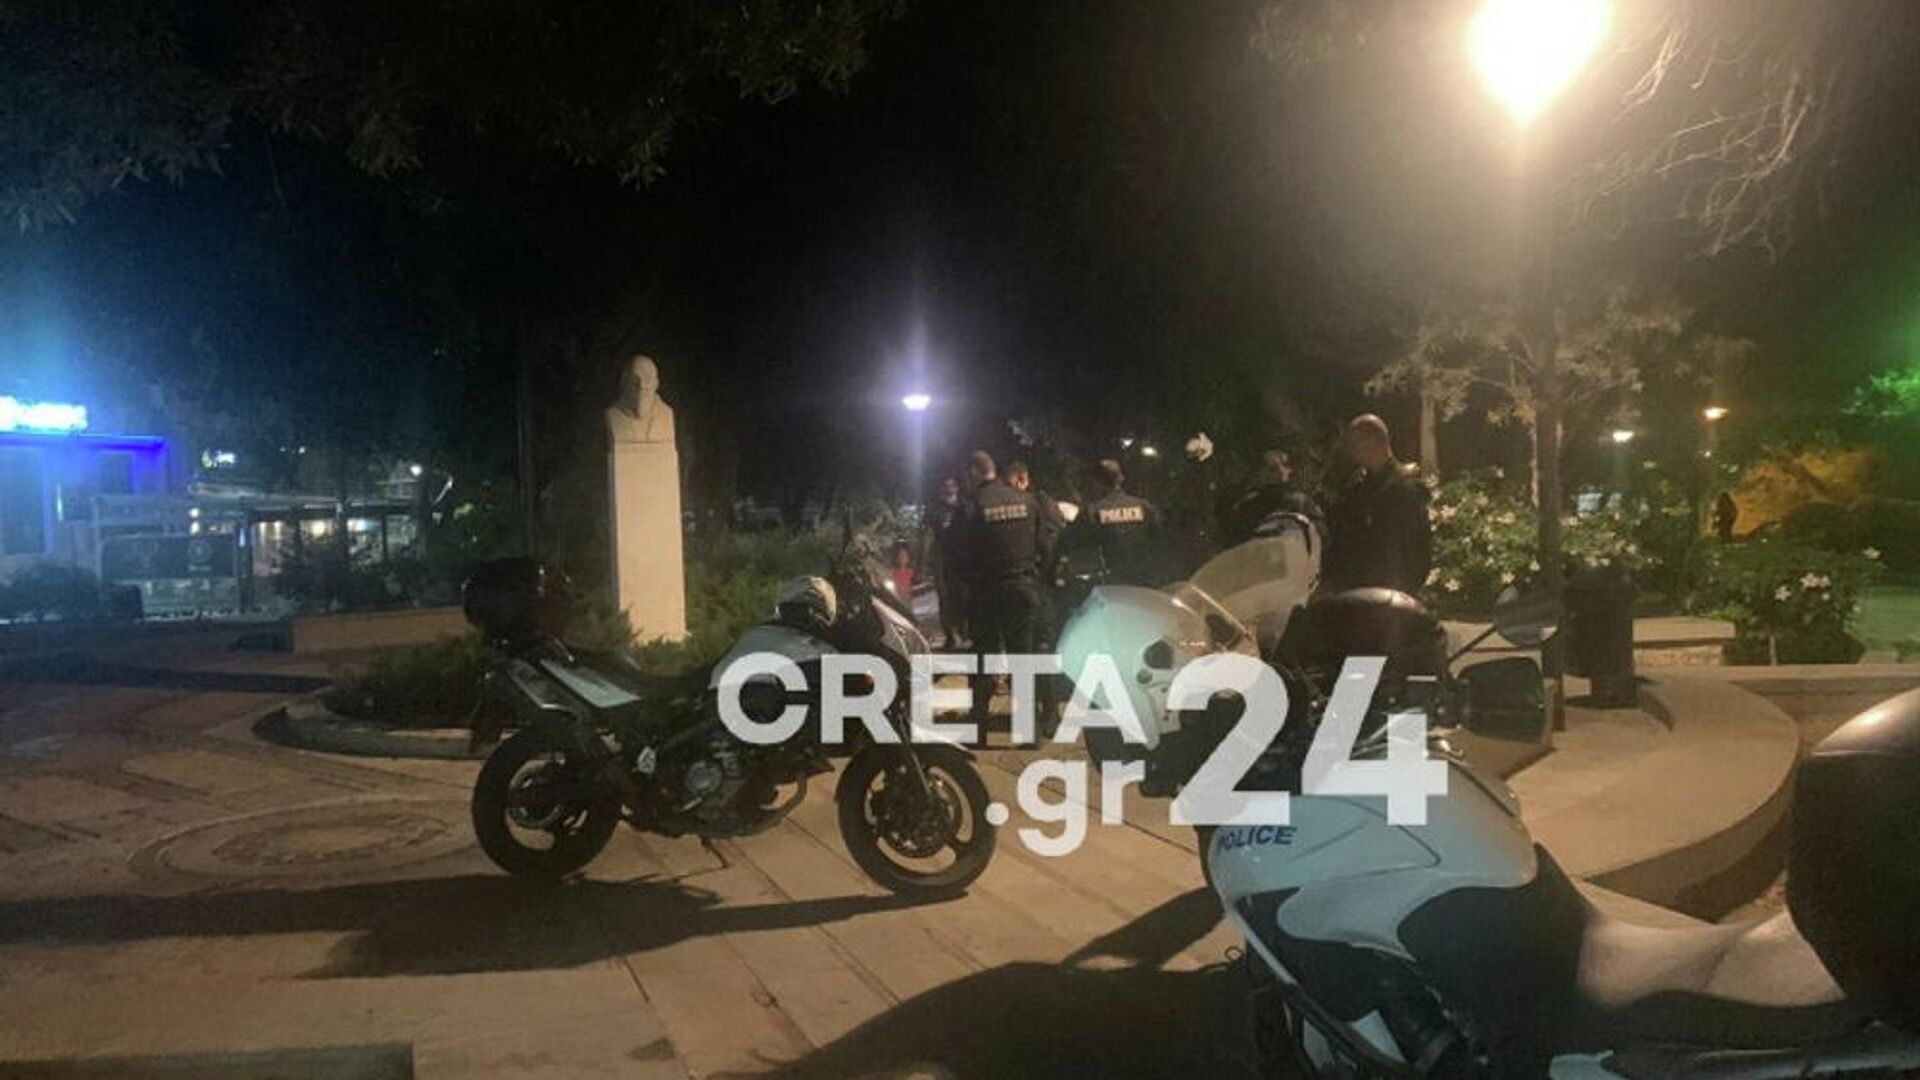 Αστυνομία στο Ηράκλειο Κρήτης, 2 Οκτωβρίου 2021 - Sputnik Ελλάδα, 1920, 02.10.2021